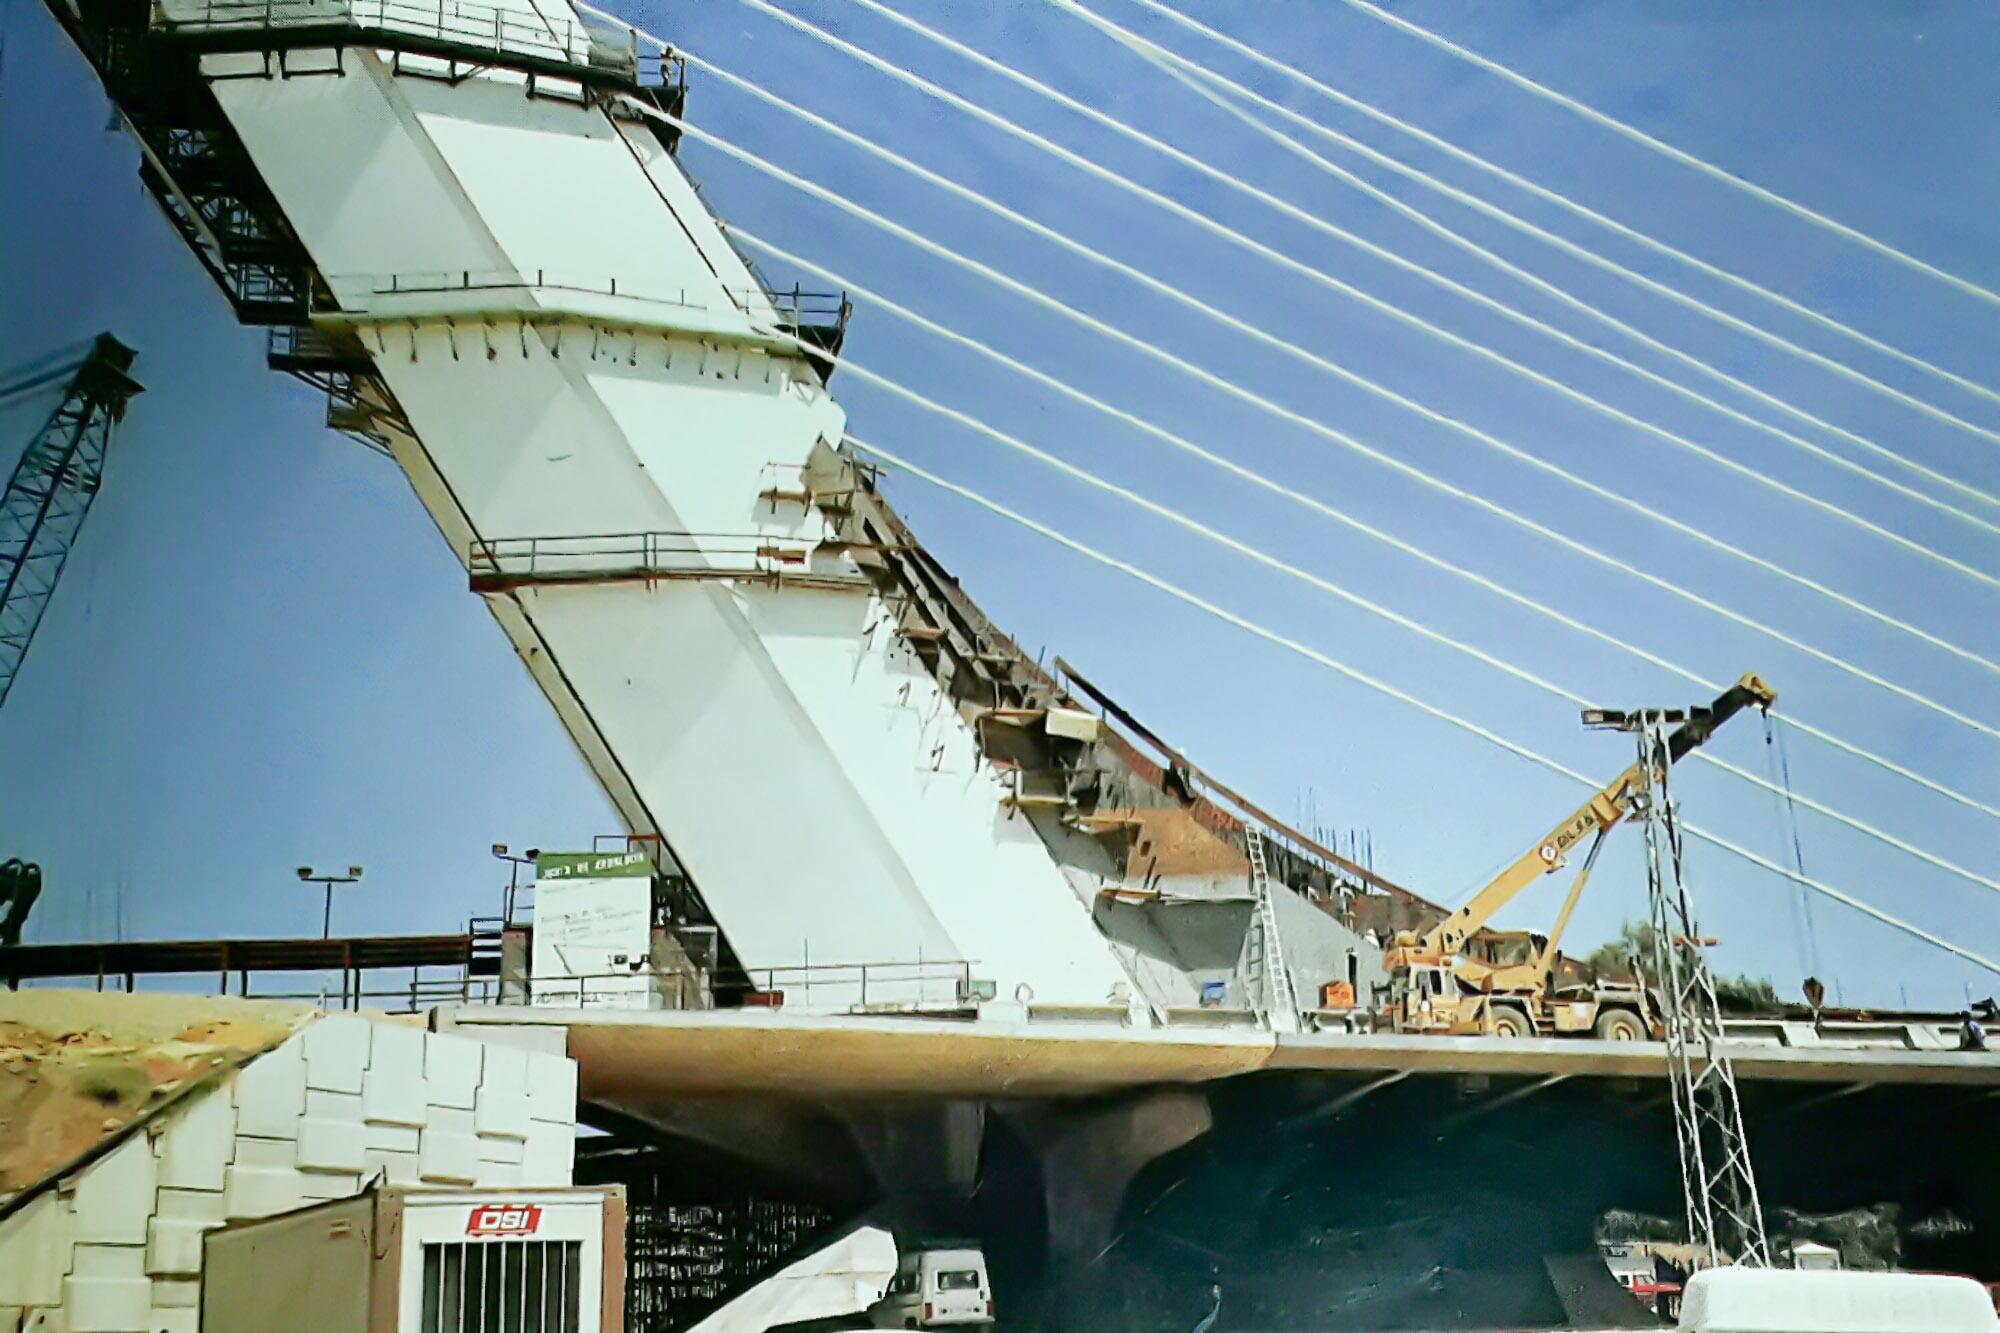 Se inaugura el puente del alamillo asociaci n legado - Empresas de construccion en sevilla ...